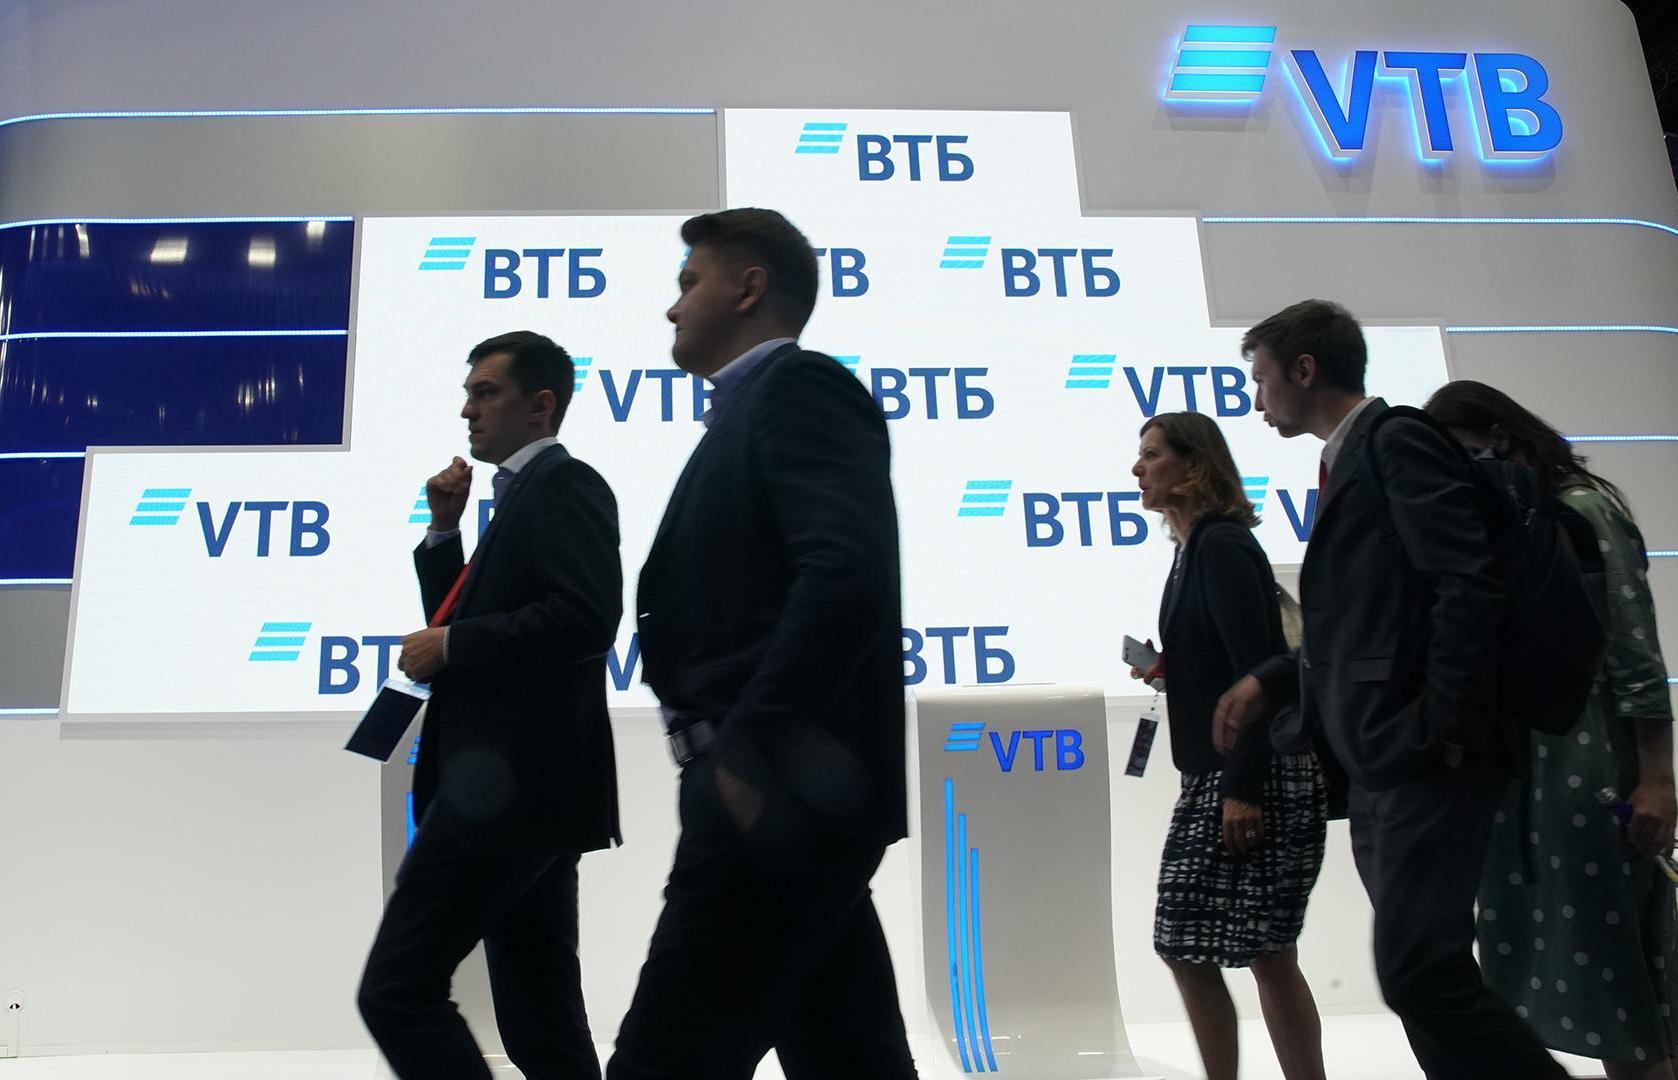 ВТБ готов обеспечить онлайн-начисление алиментов